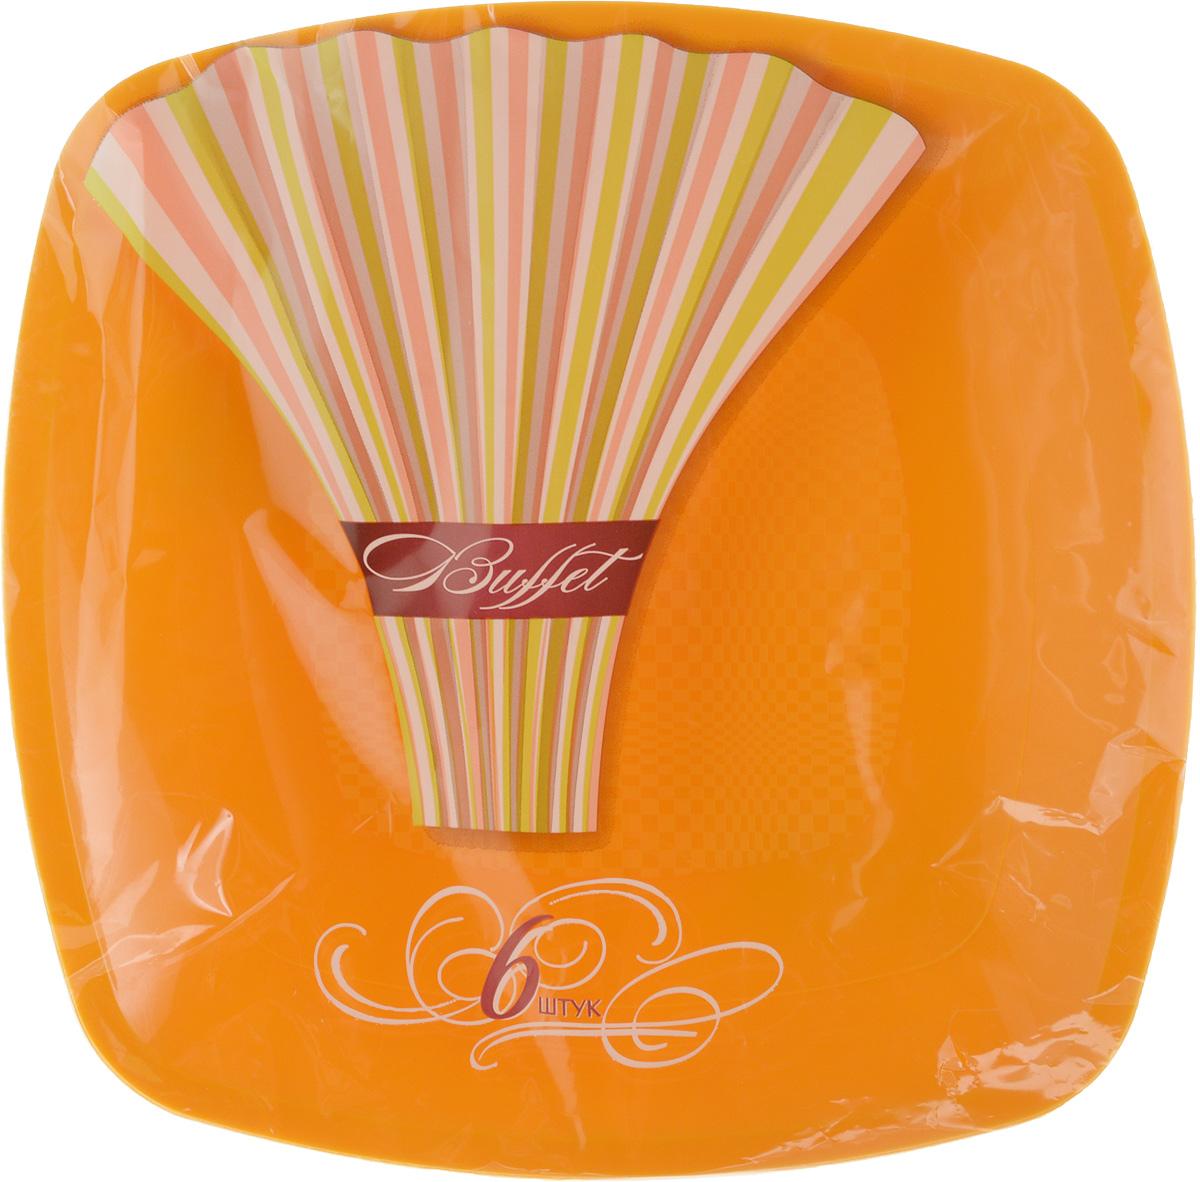 Набор одноразовых тарелок Buffet, цвет: оранжевый, 18 х 18 см, 6 шт183897/_желтыйНабор Buffet состоит из 6 тарелок, выполненных из полипропилена и предназначенных для одноразового использования. Такие тарелки подходят для пищевых продуктов и будут незаменимы при поездках на природу, пикниках и других мероприятиях. Они не займут много места, легки и самое главное - после использования их не надо мыть. Размер тарелки: 18 х 18 см.